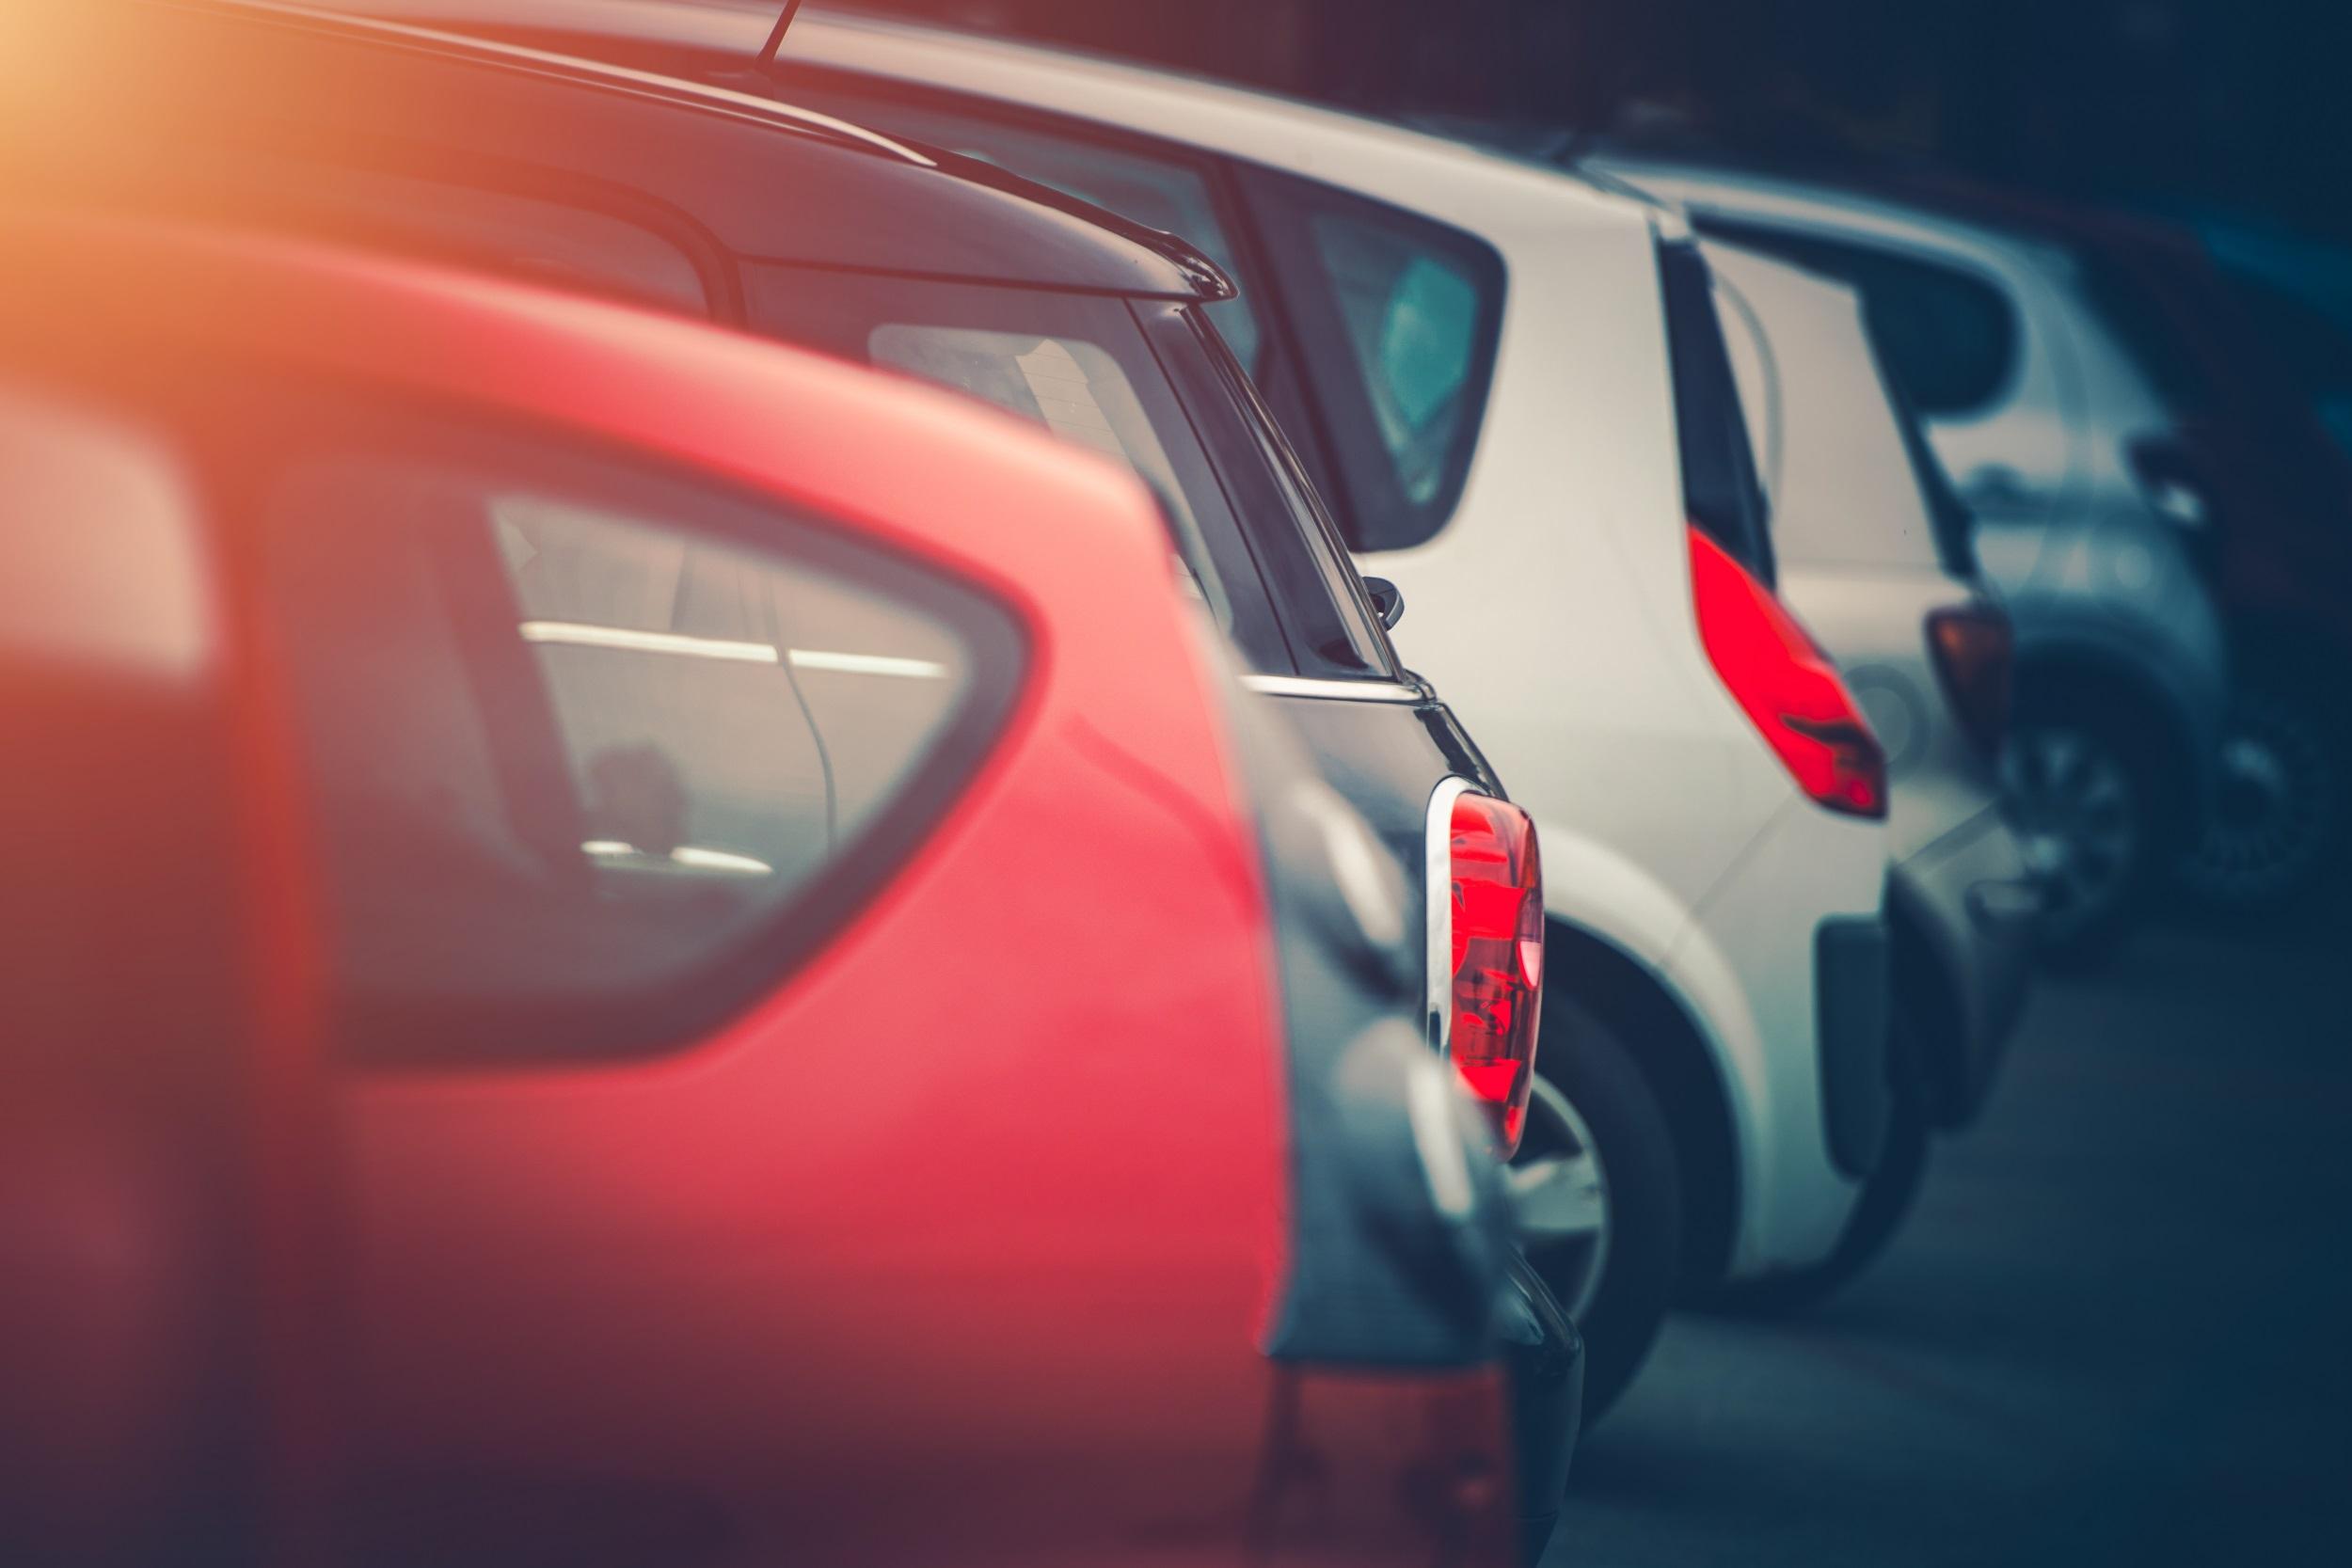 Imagem de Não sabe onde parar? Waze mostra estacionamentos próximos e dá as direções no tecmundo